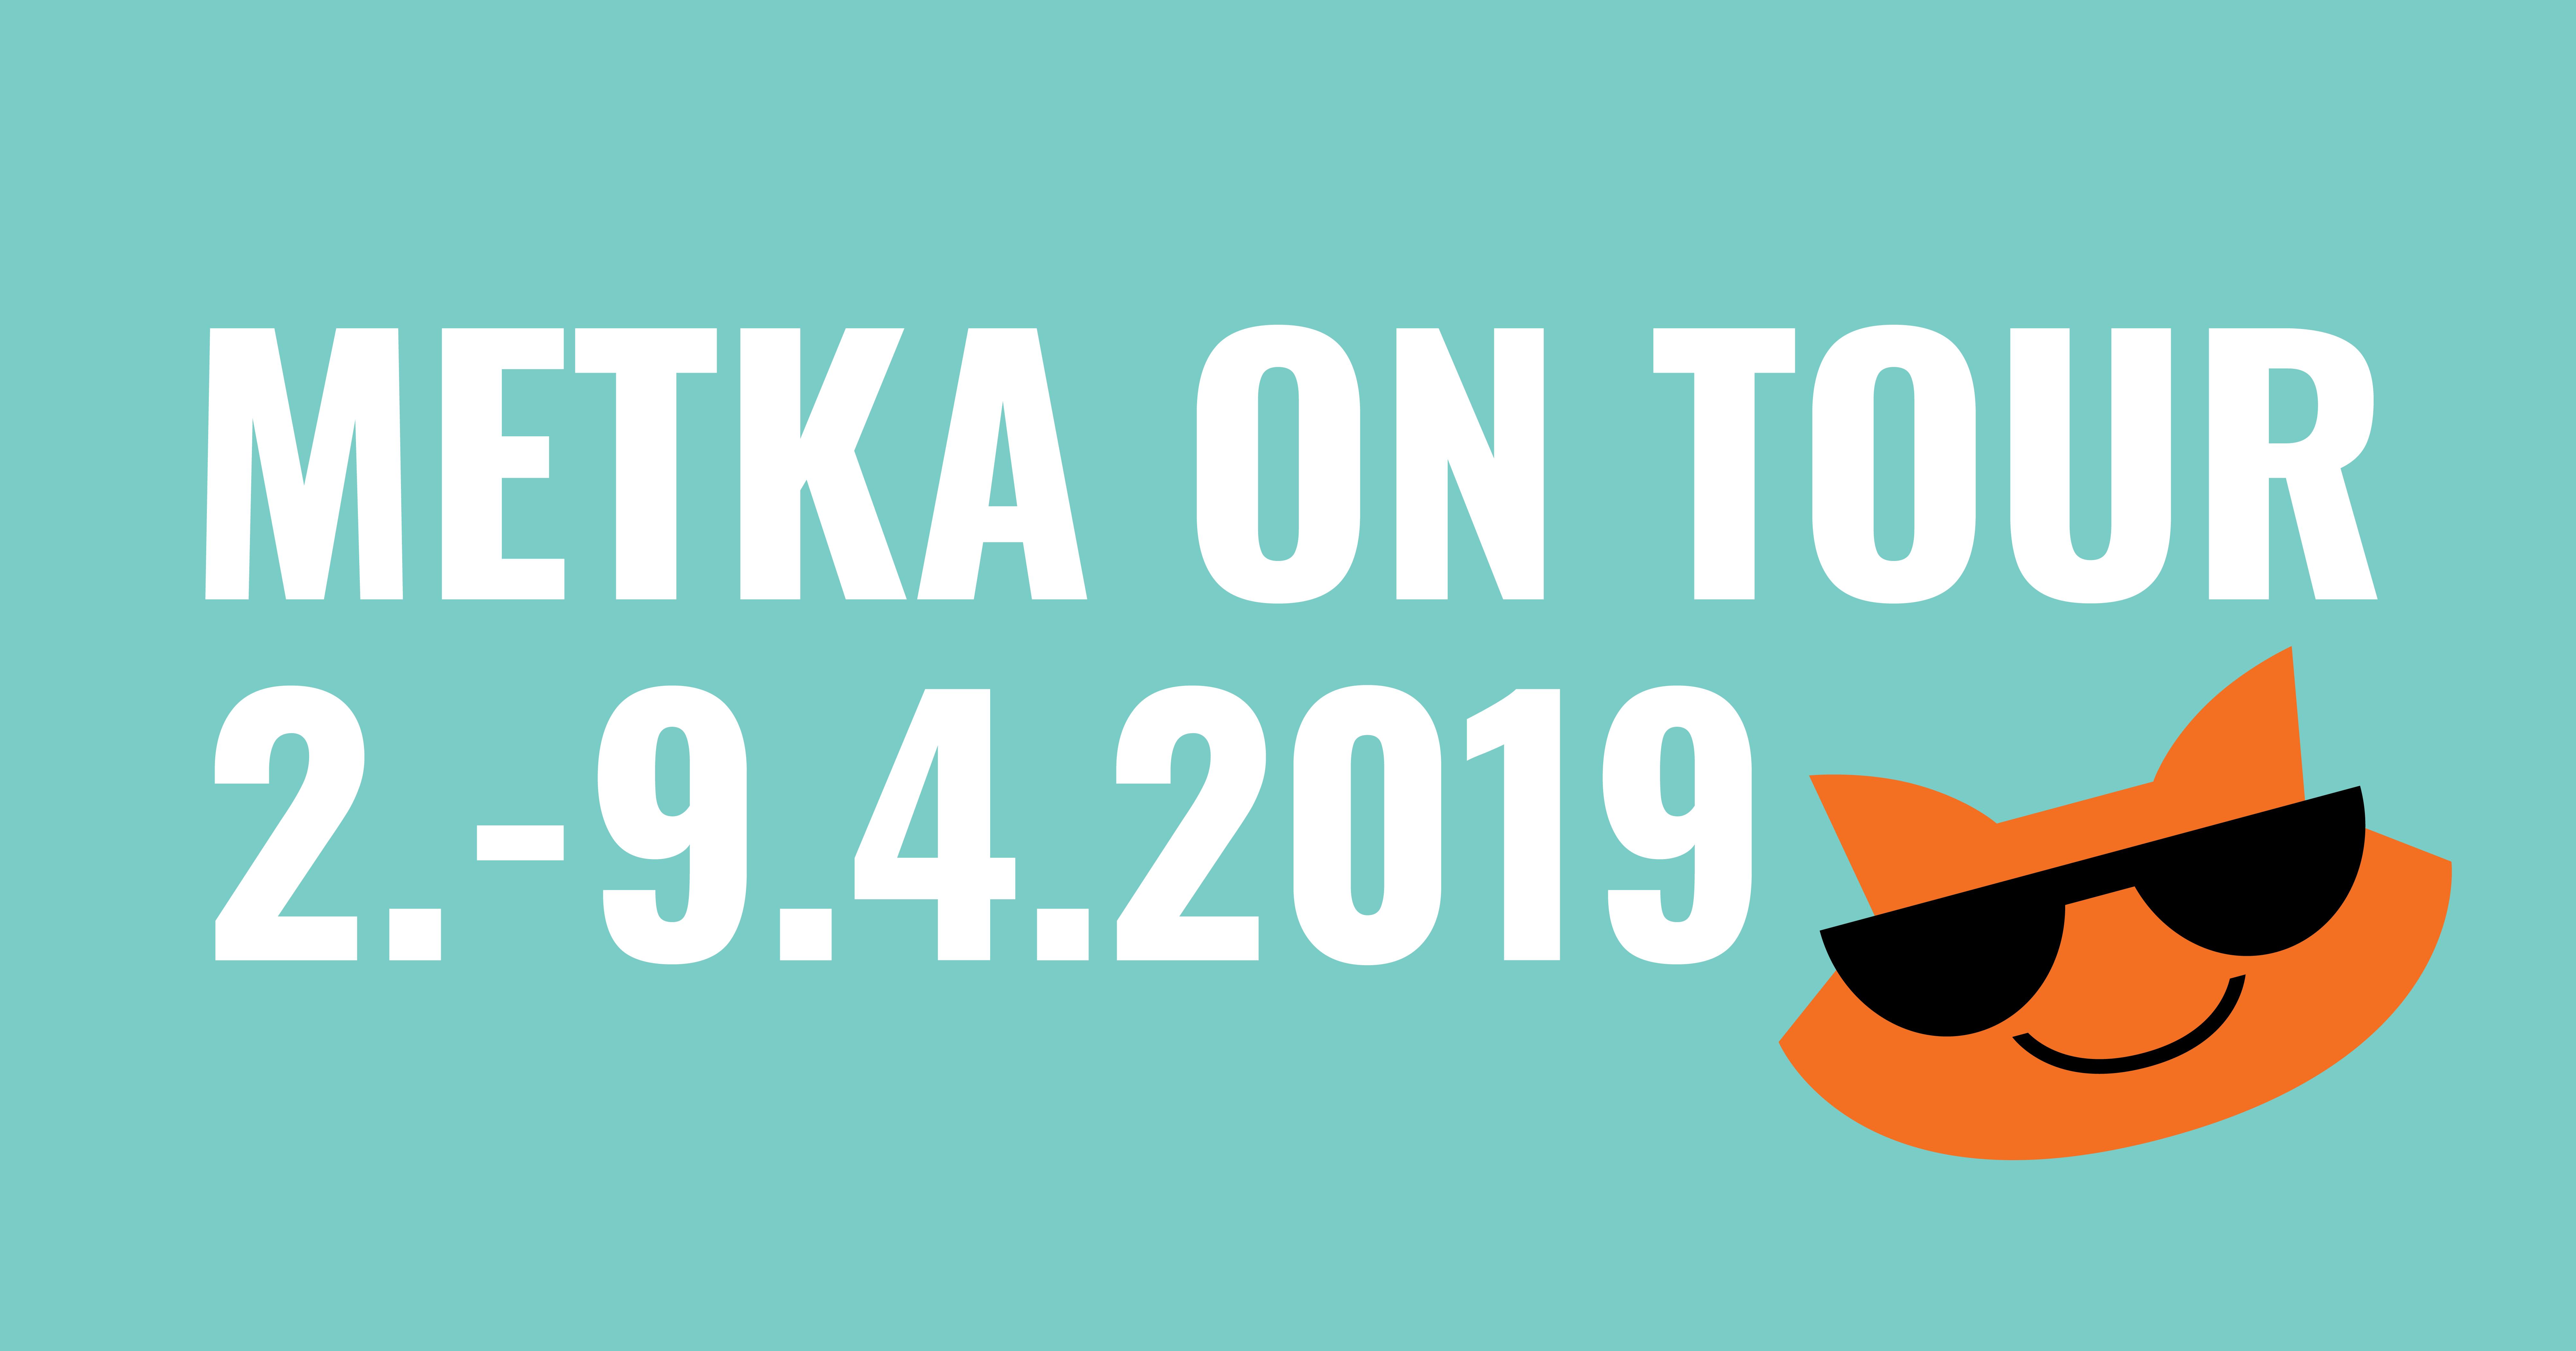 METKA on Tour 2.-9.4.2019